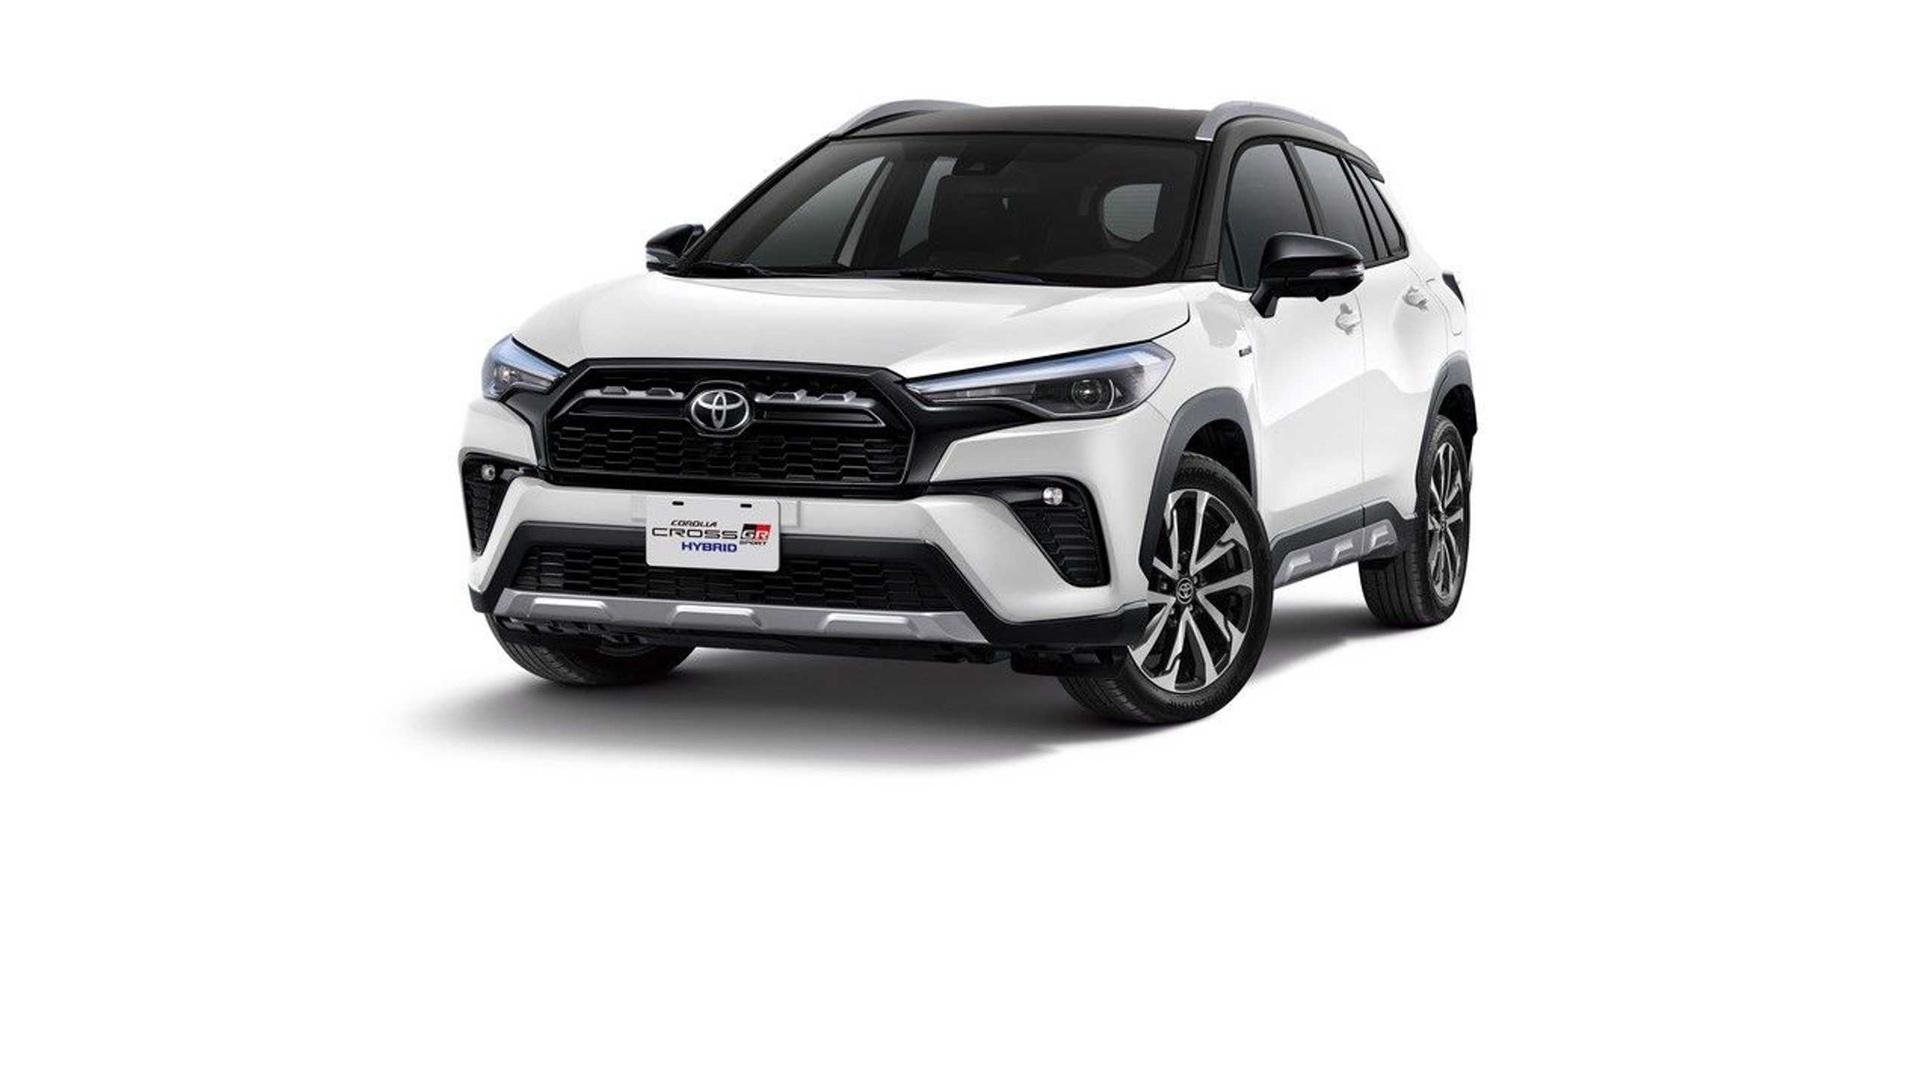 I najnoviji kompaktni SUV Toyota Corolla Cross dobiva GR Sport izvedbu